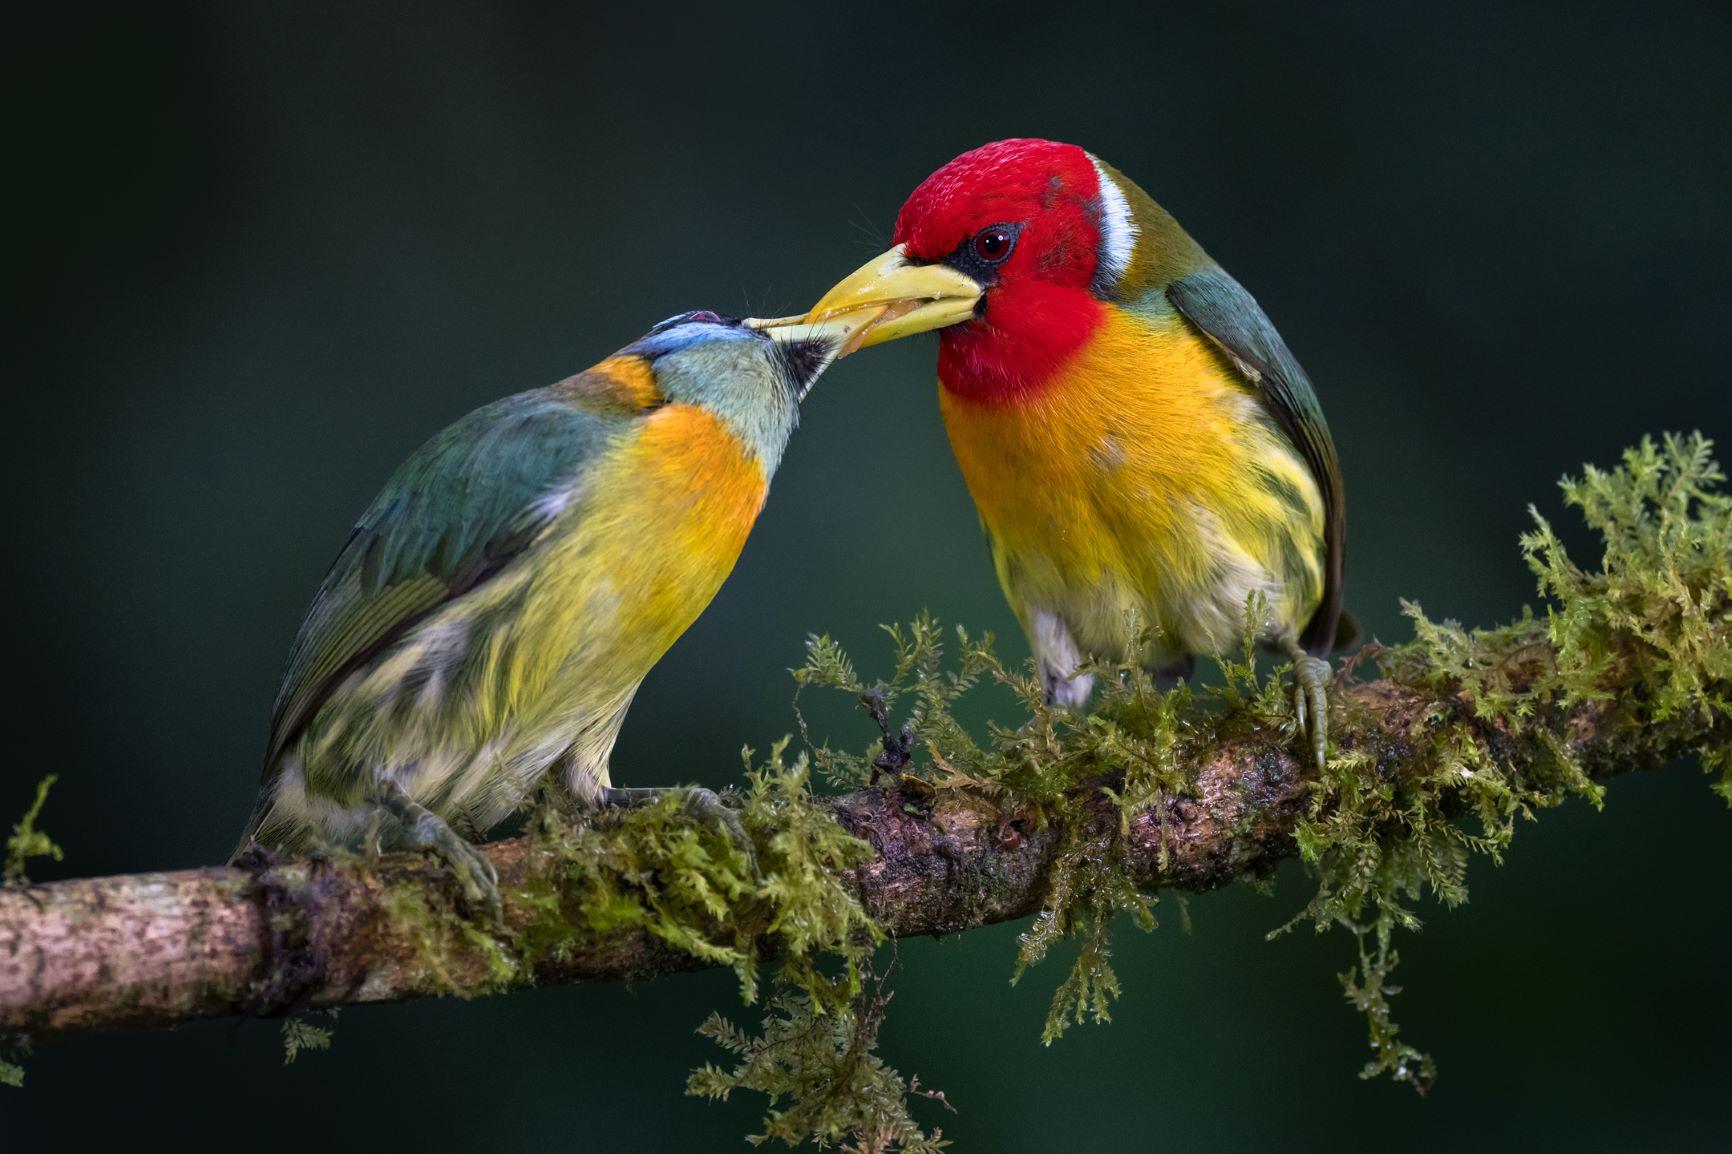 Memo Gómez: pasión por compartir la belleza de las aves y sensibilizar sobre su conservación